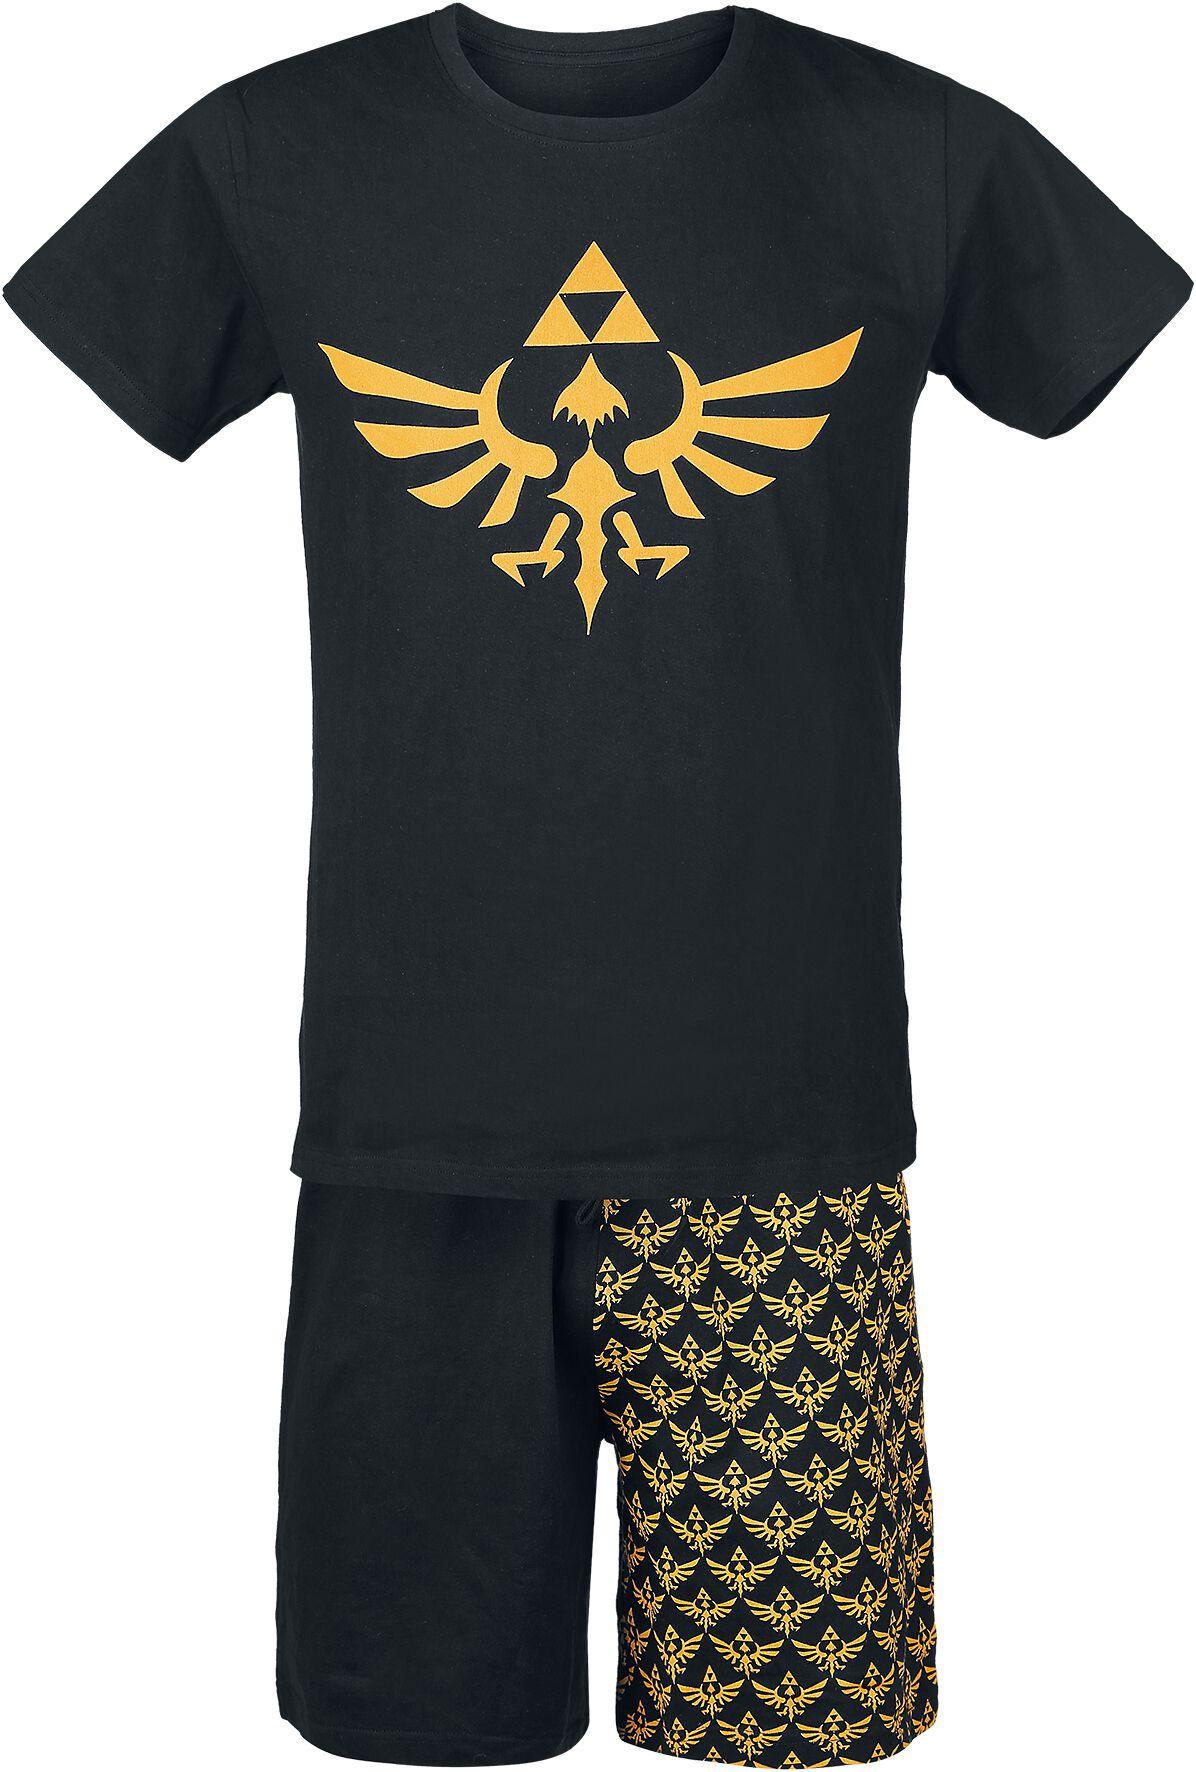 Image of   The Legend Of Zelda Triforce Pyjamas sort-gul